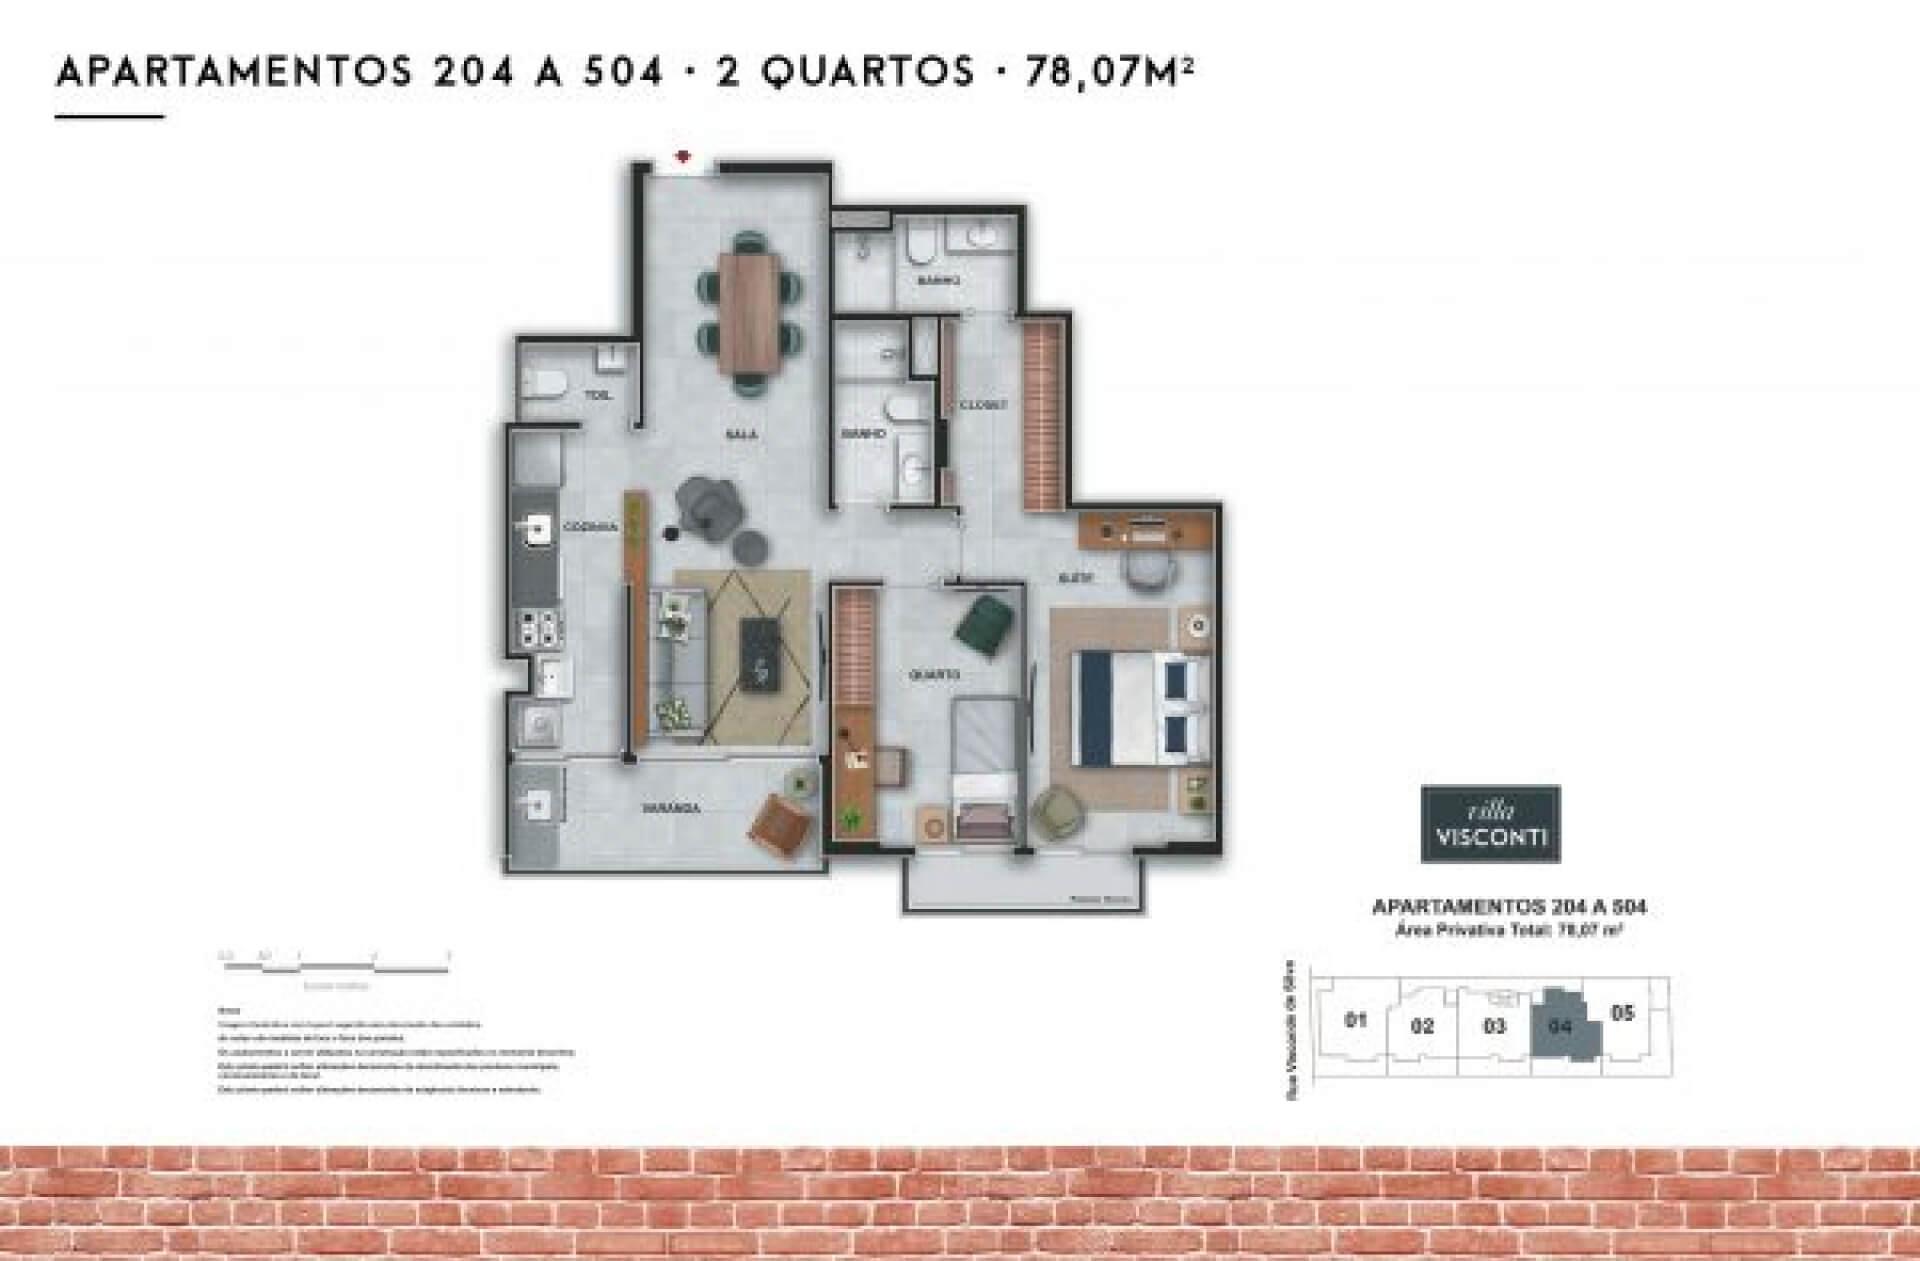 78 M² - 2 QUARTOS, SENDO 1 SUÍTE.